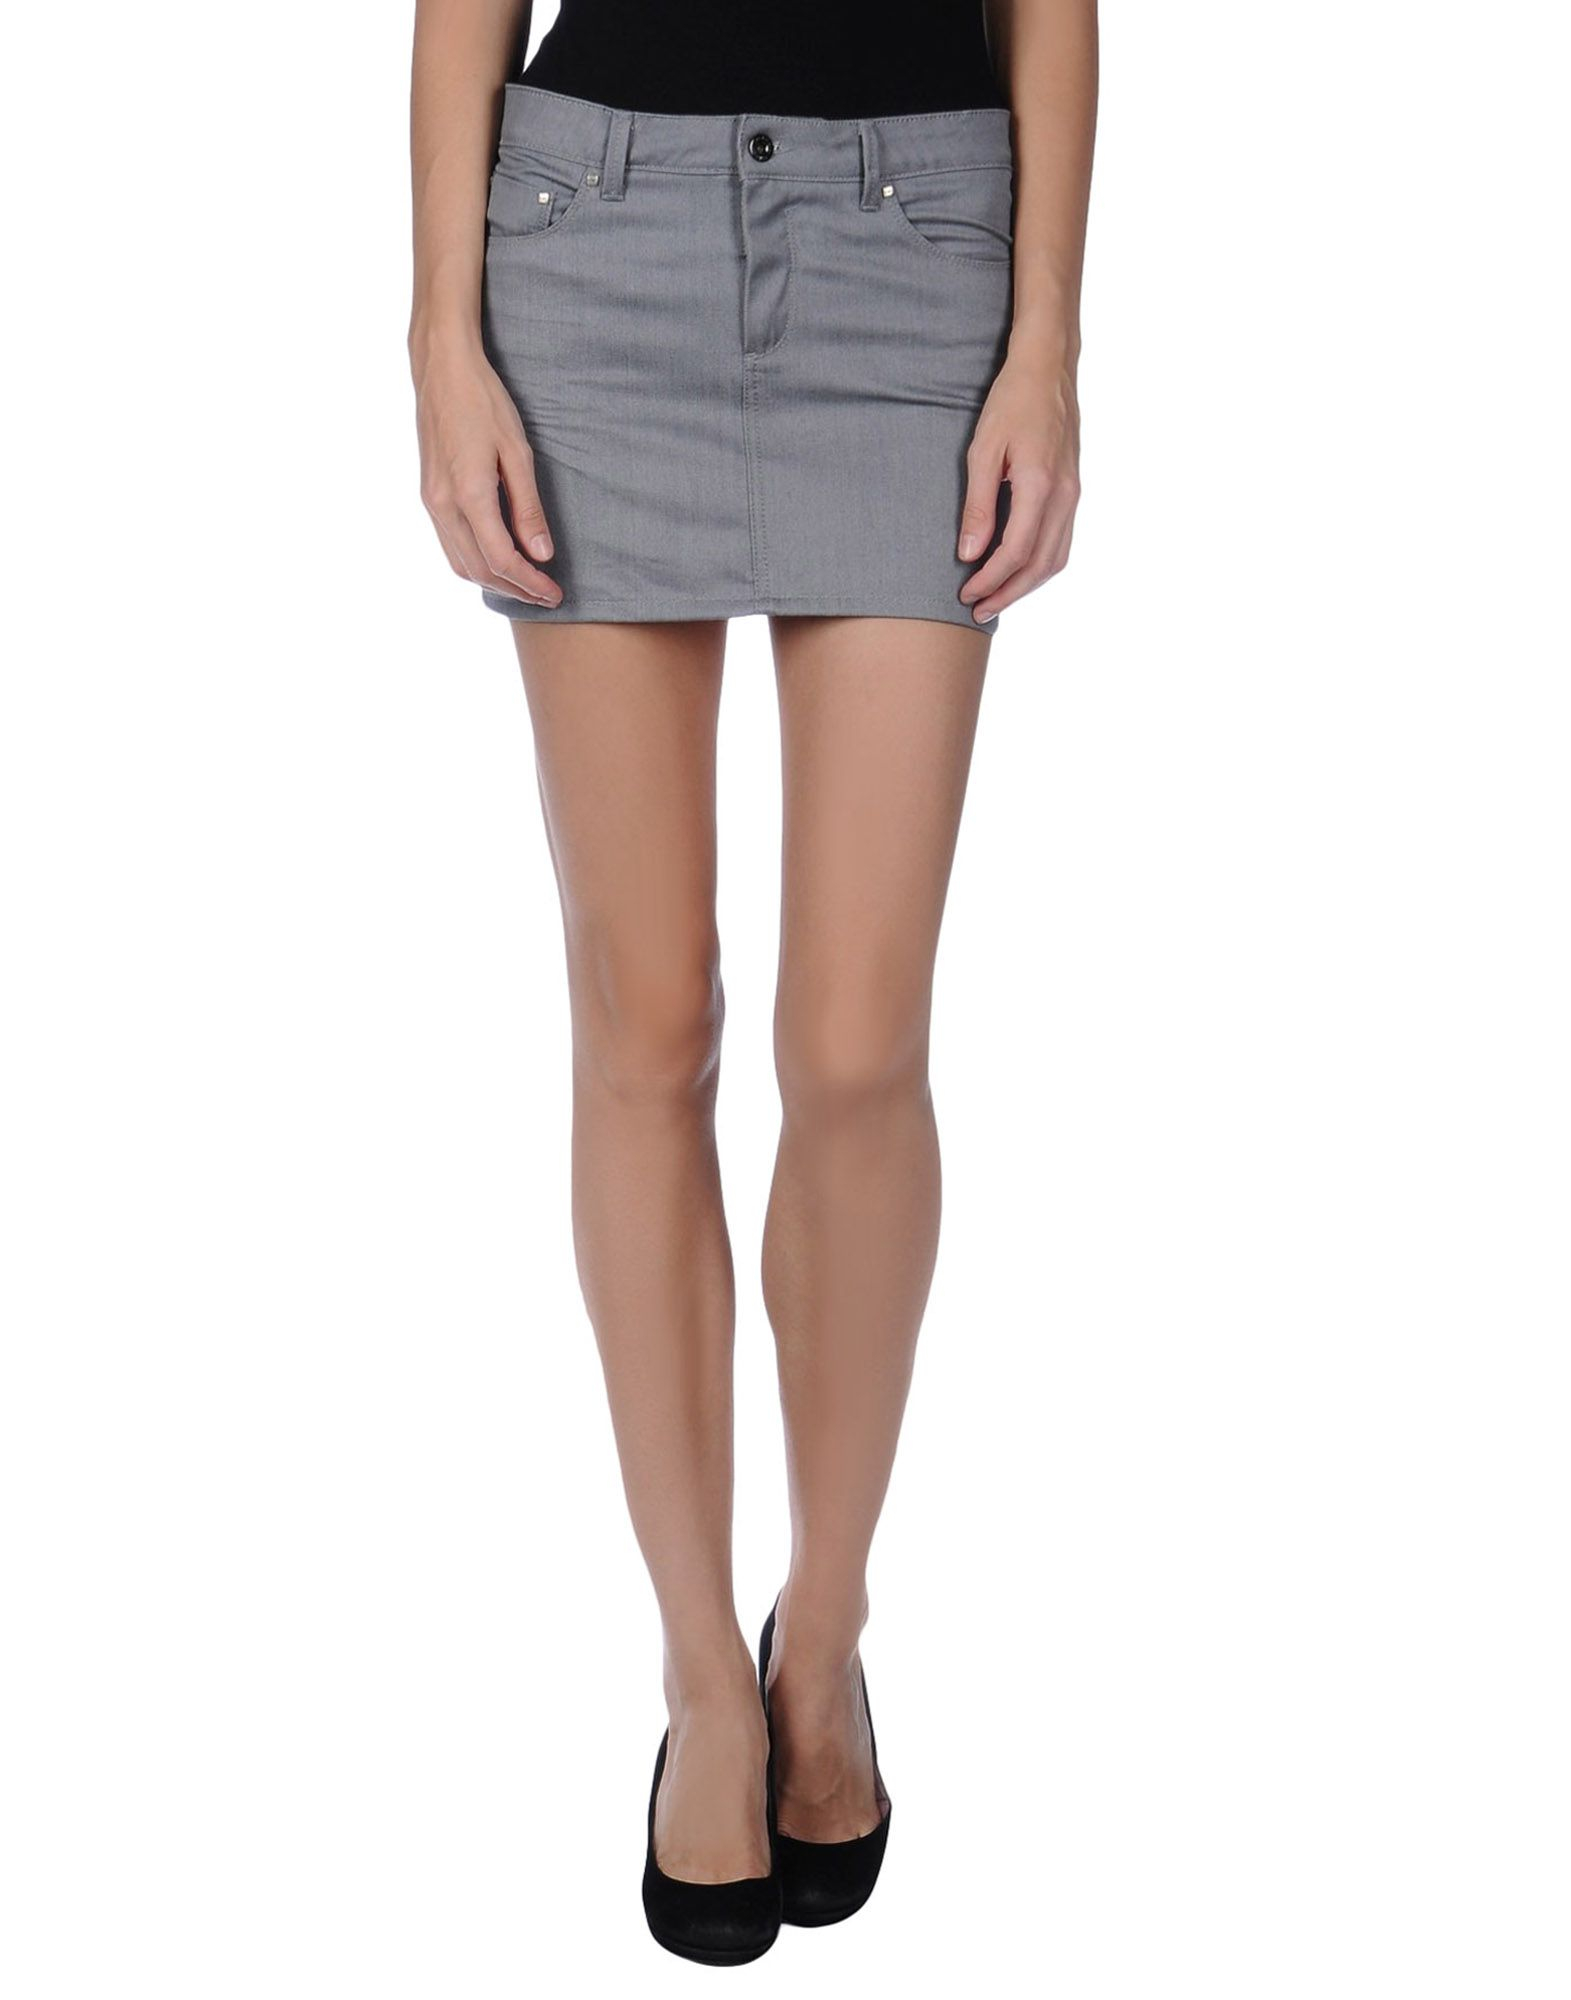 costume national denim skirt in gray grey lyst